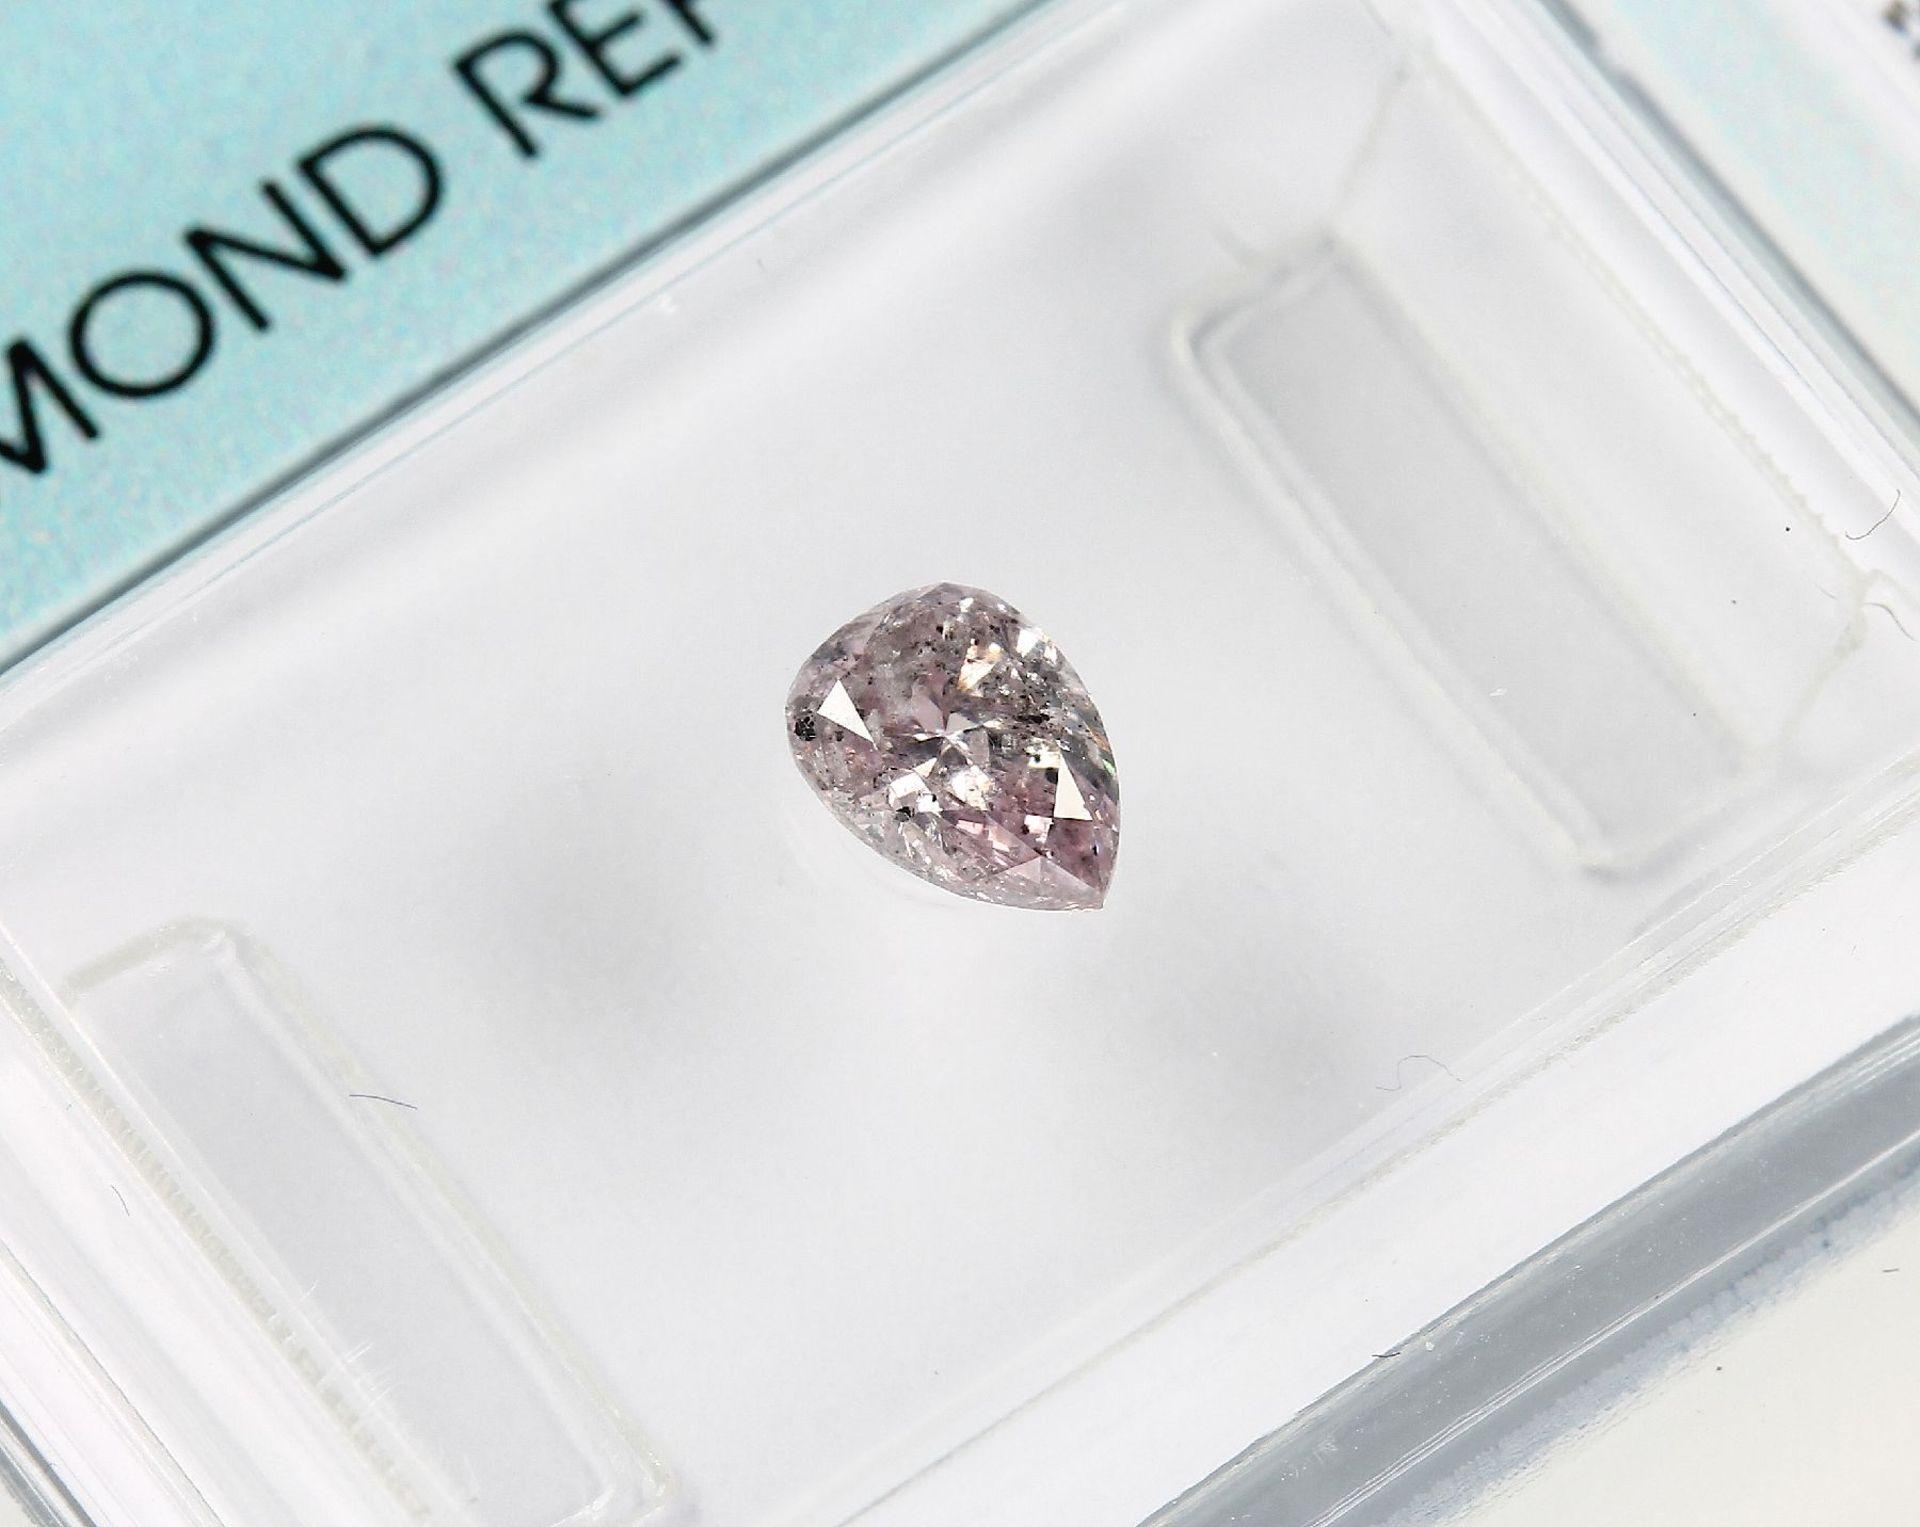 Los 70016 - Loser Diamant, 0.35 ct Natural fancy light Grey-Pink/p2, tropfenf. facett., verschweißt, mit IGI-